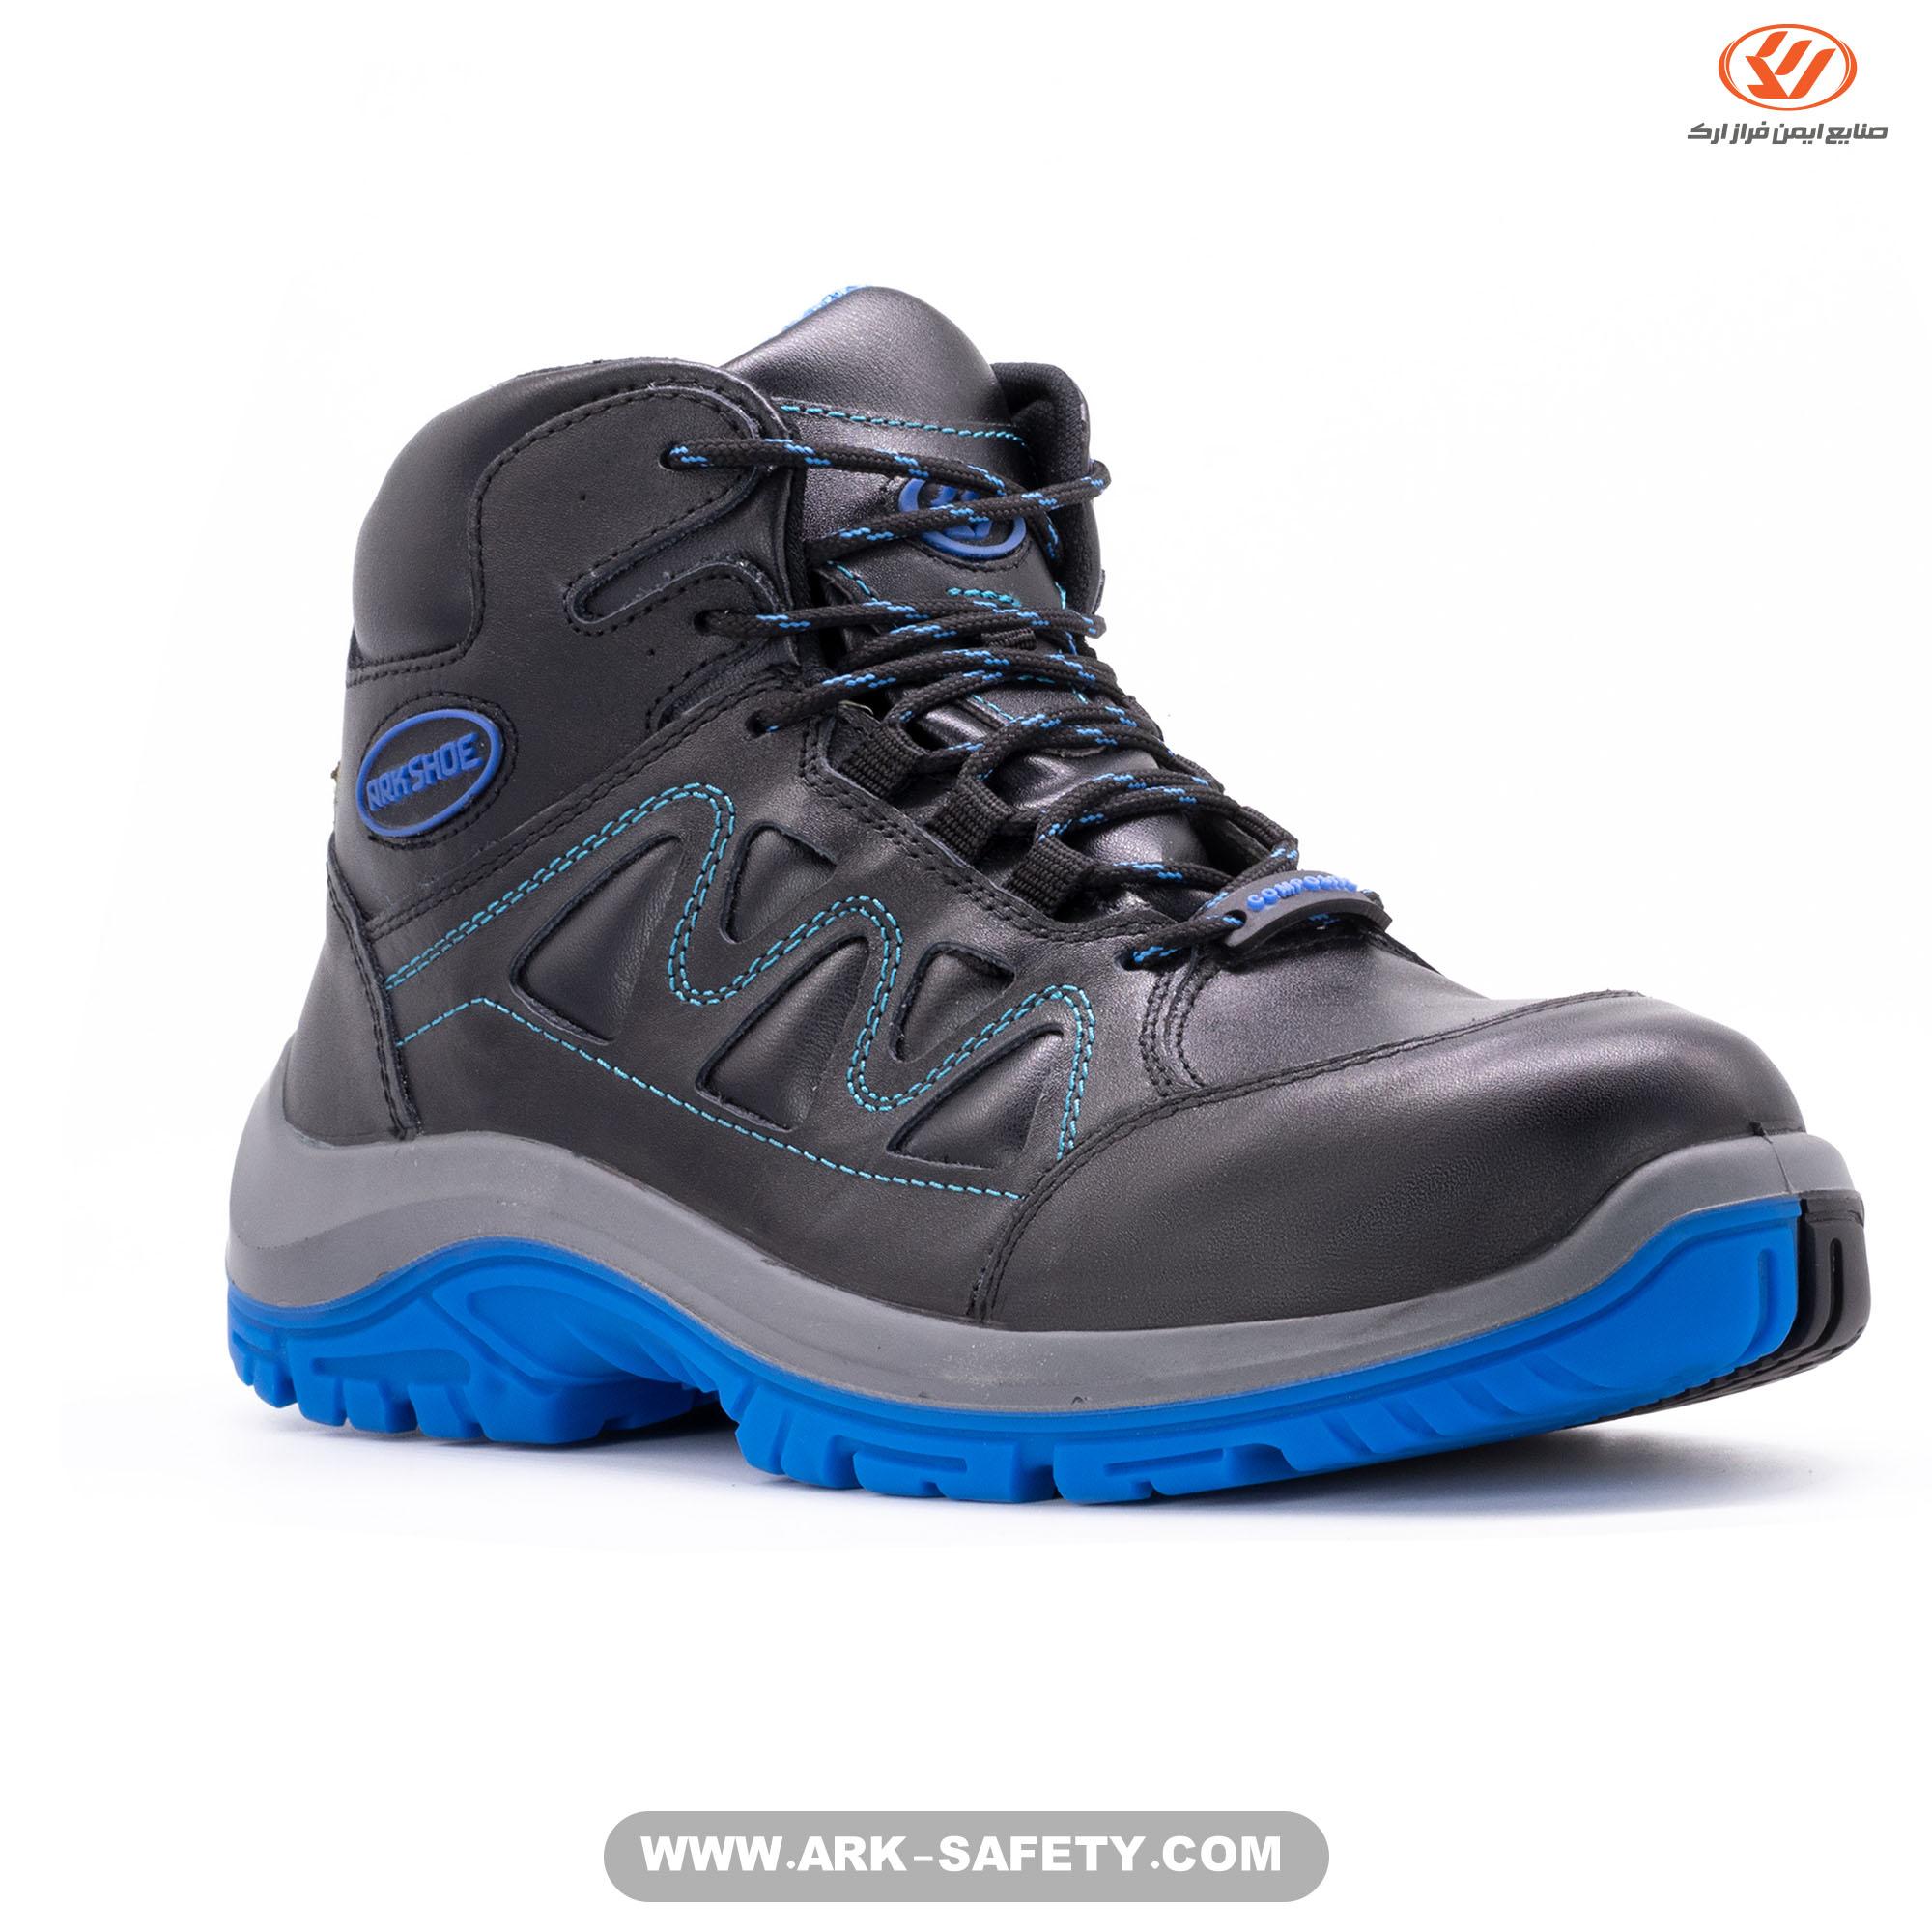 Nova Safety Boots